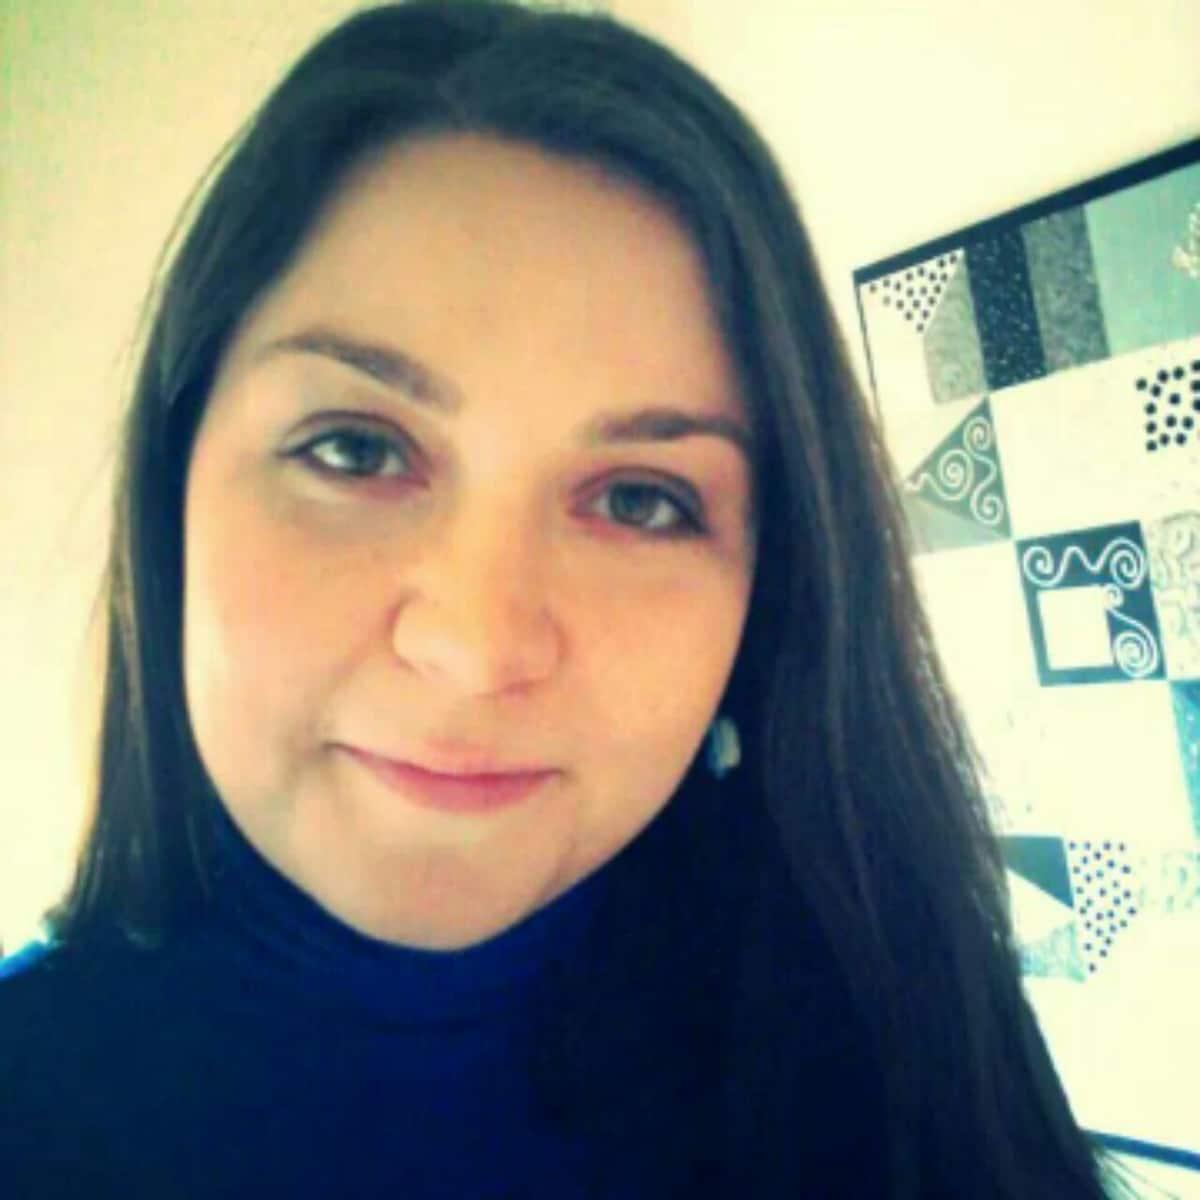 Noemi From Colli Sul Velino, Italy